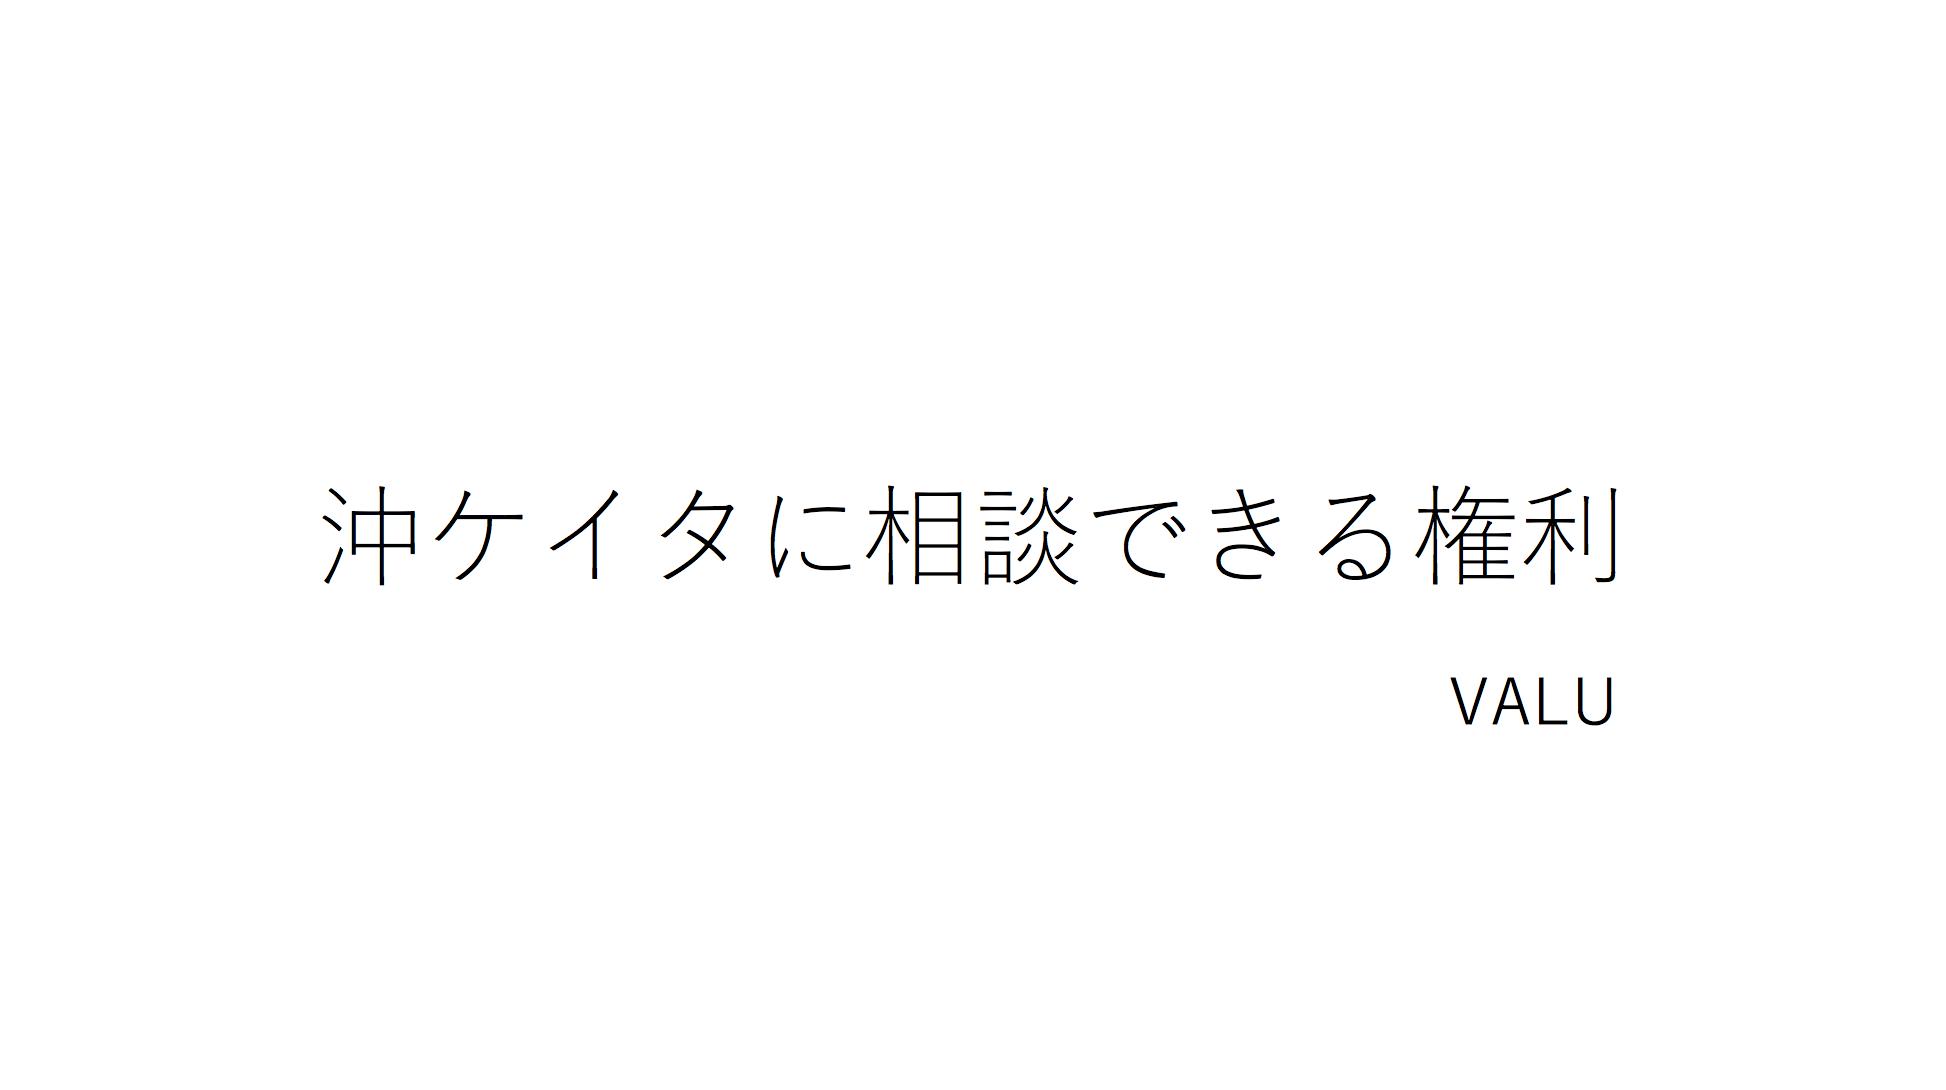 【VA優待追加】沖ケイタに何でも相談できる権利を保有者全員に!